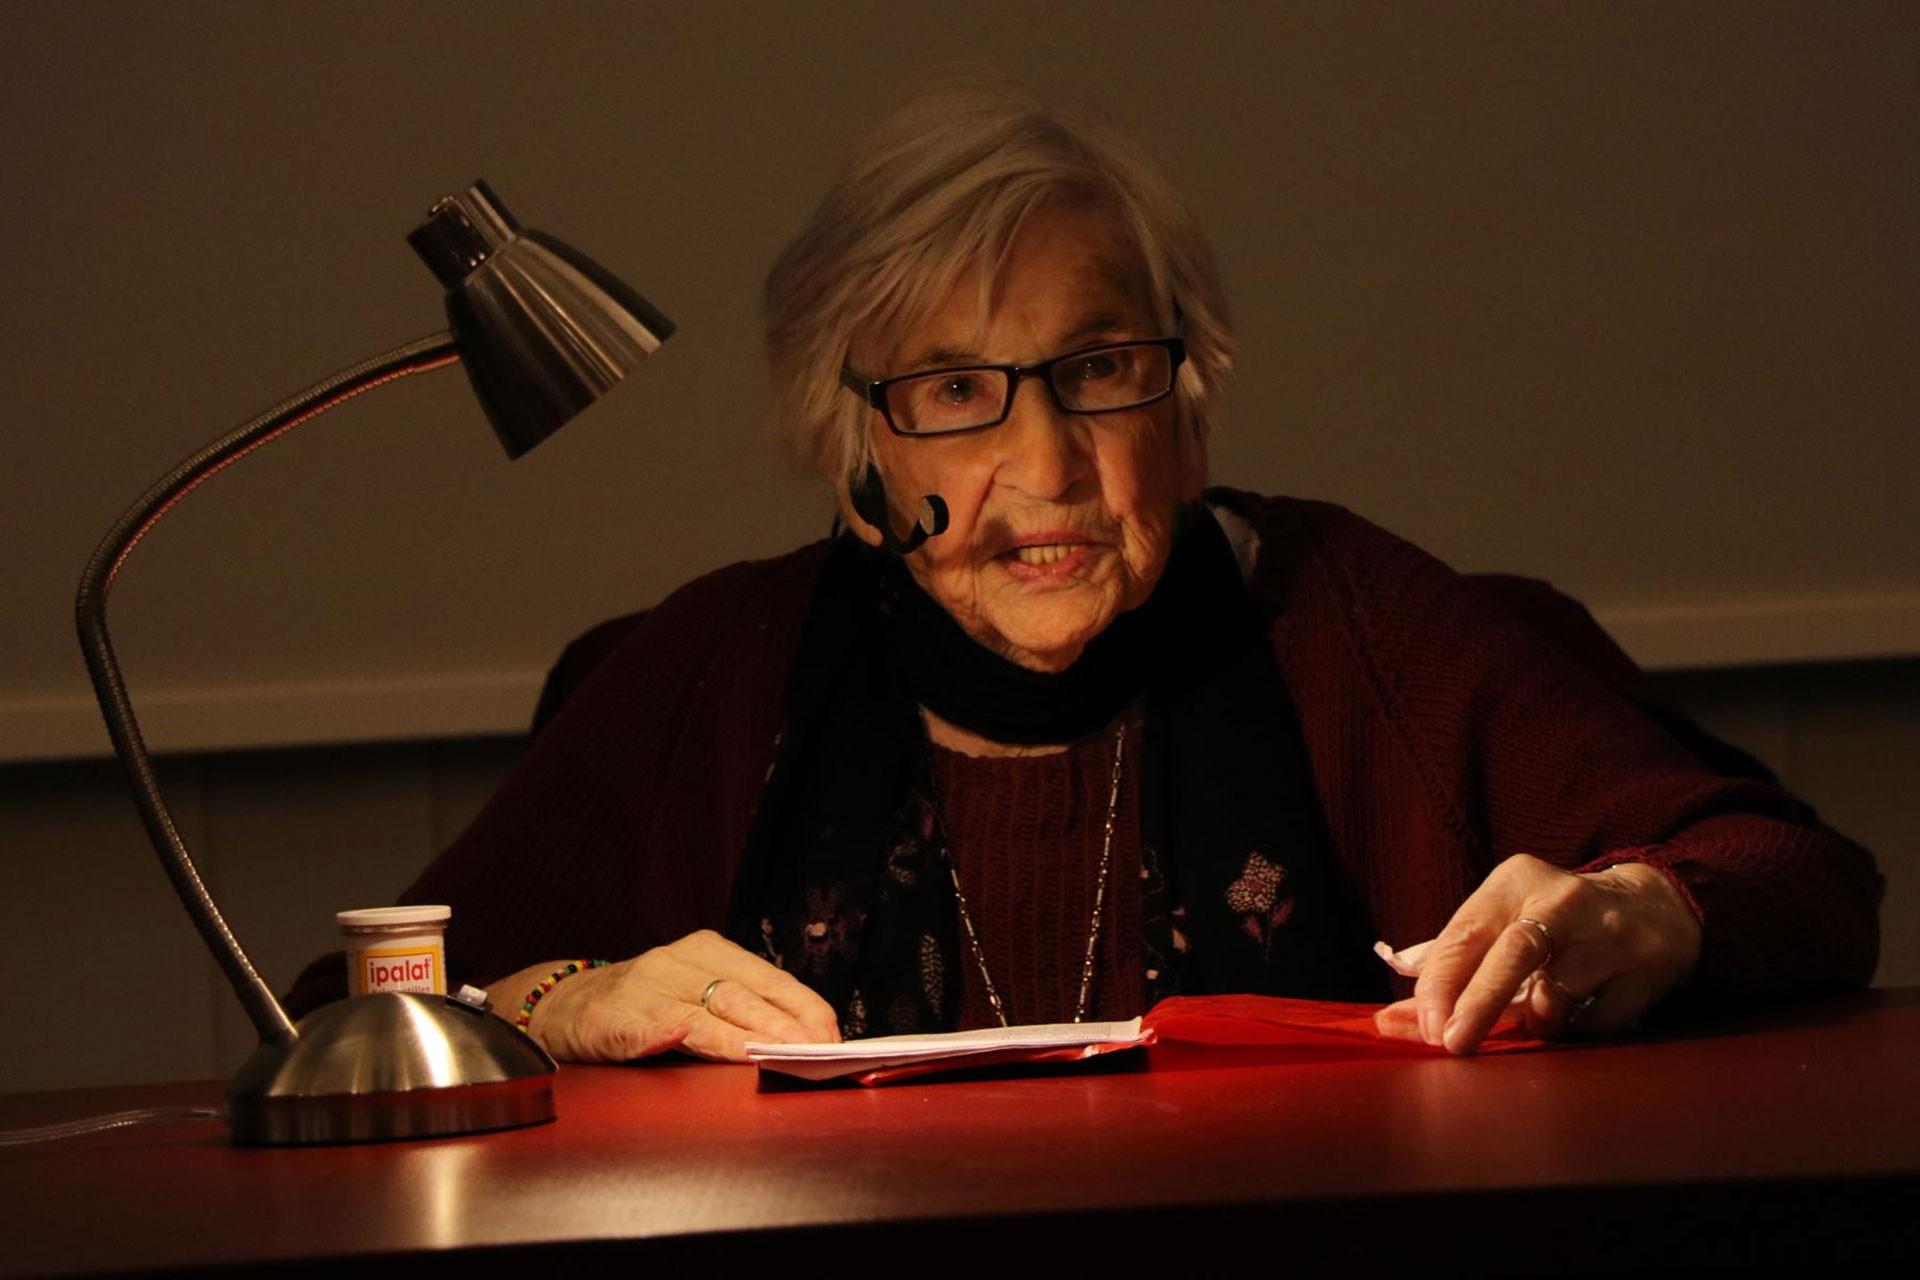 Soykırımından kurtulanlar arasında olan 94 yaşındaki Müzisyen ve Yazar Esther Bejarano